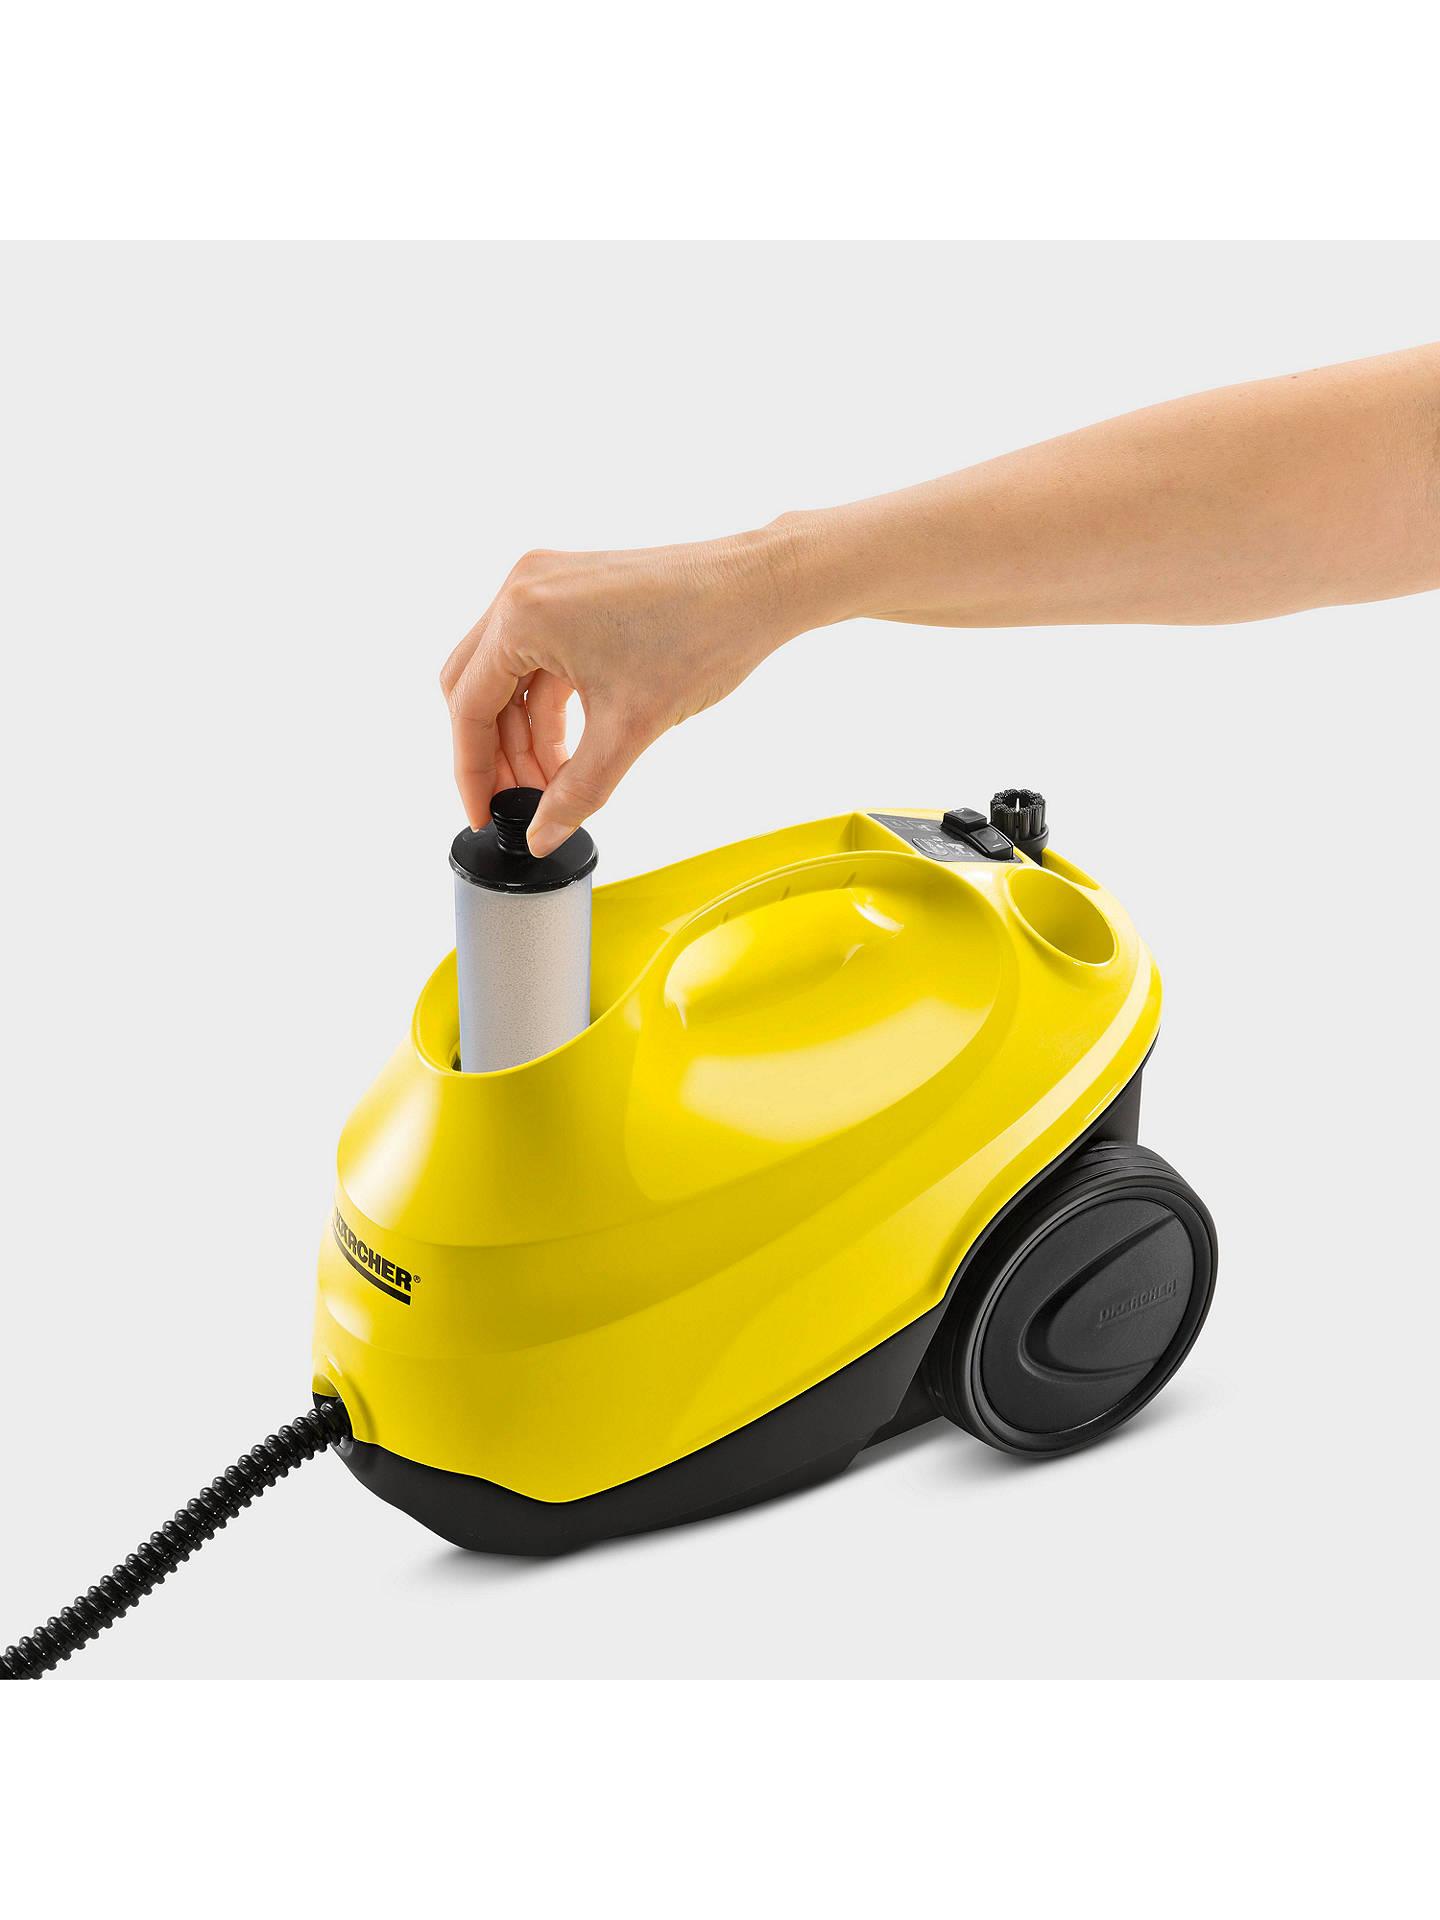 k rcher sc3 easyfix steam cleaner at john lewis partners. Black Bedroom Furniture Sets. Home Design Ideas